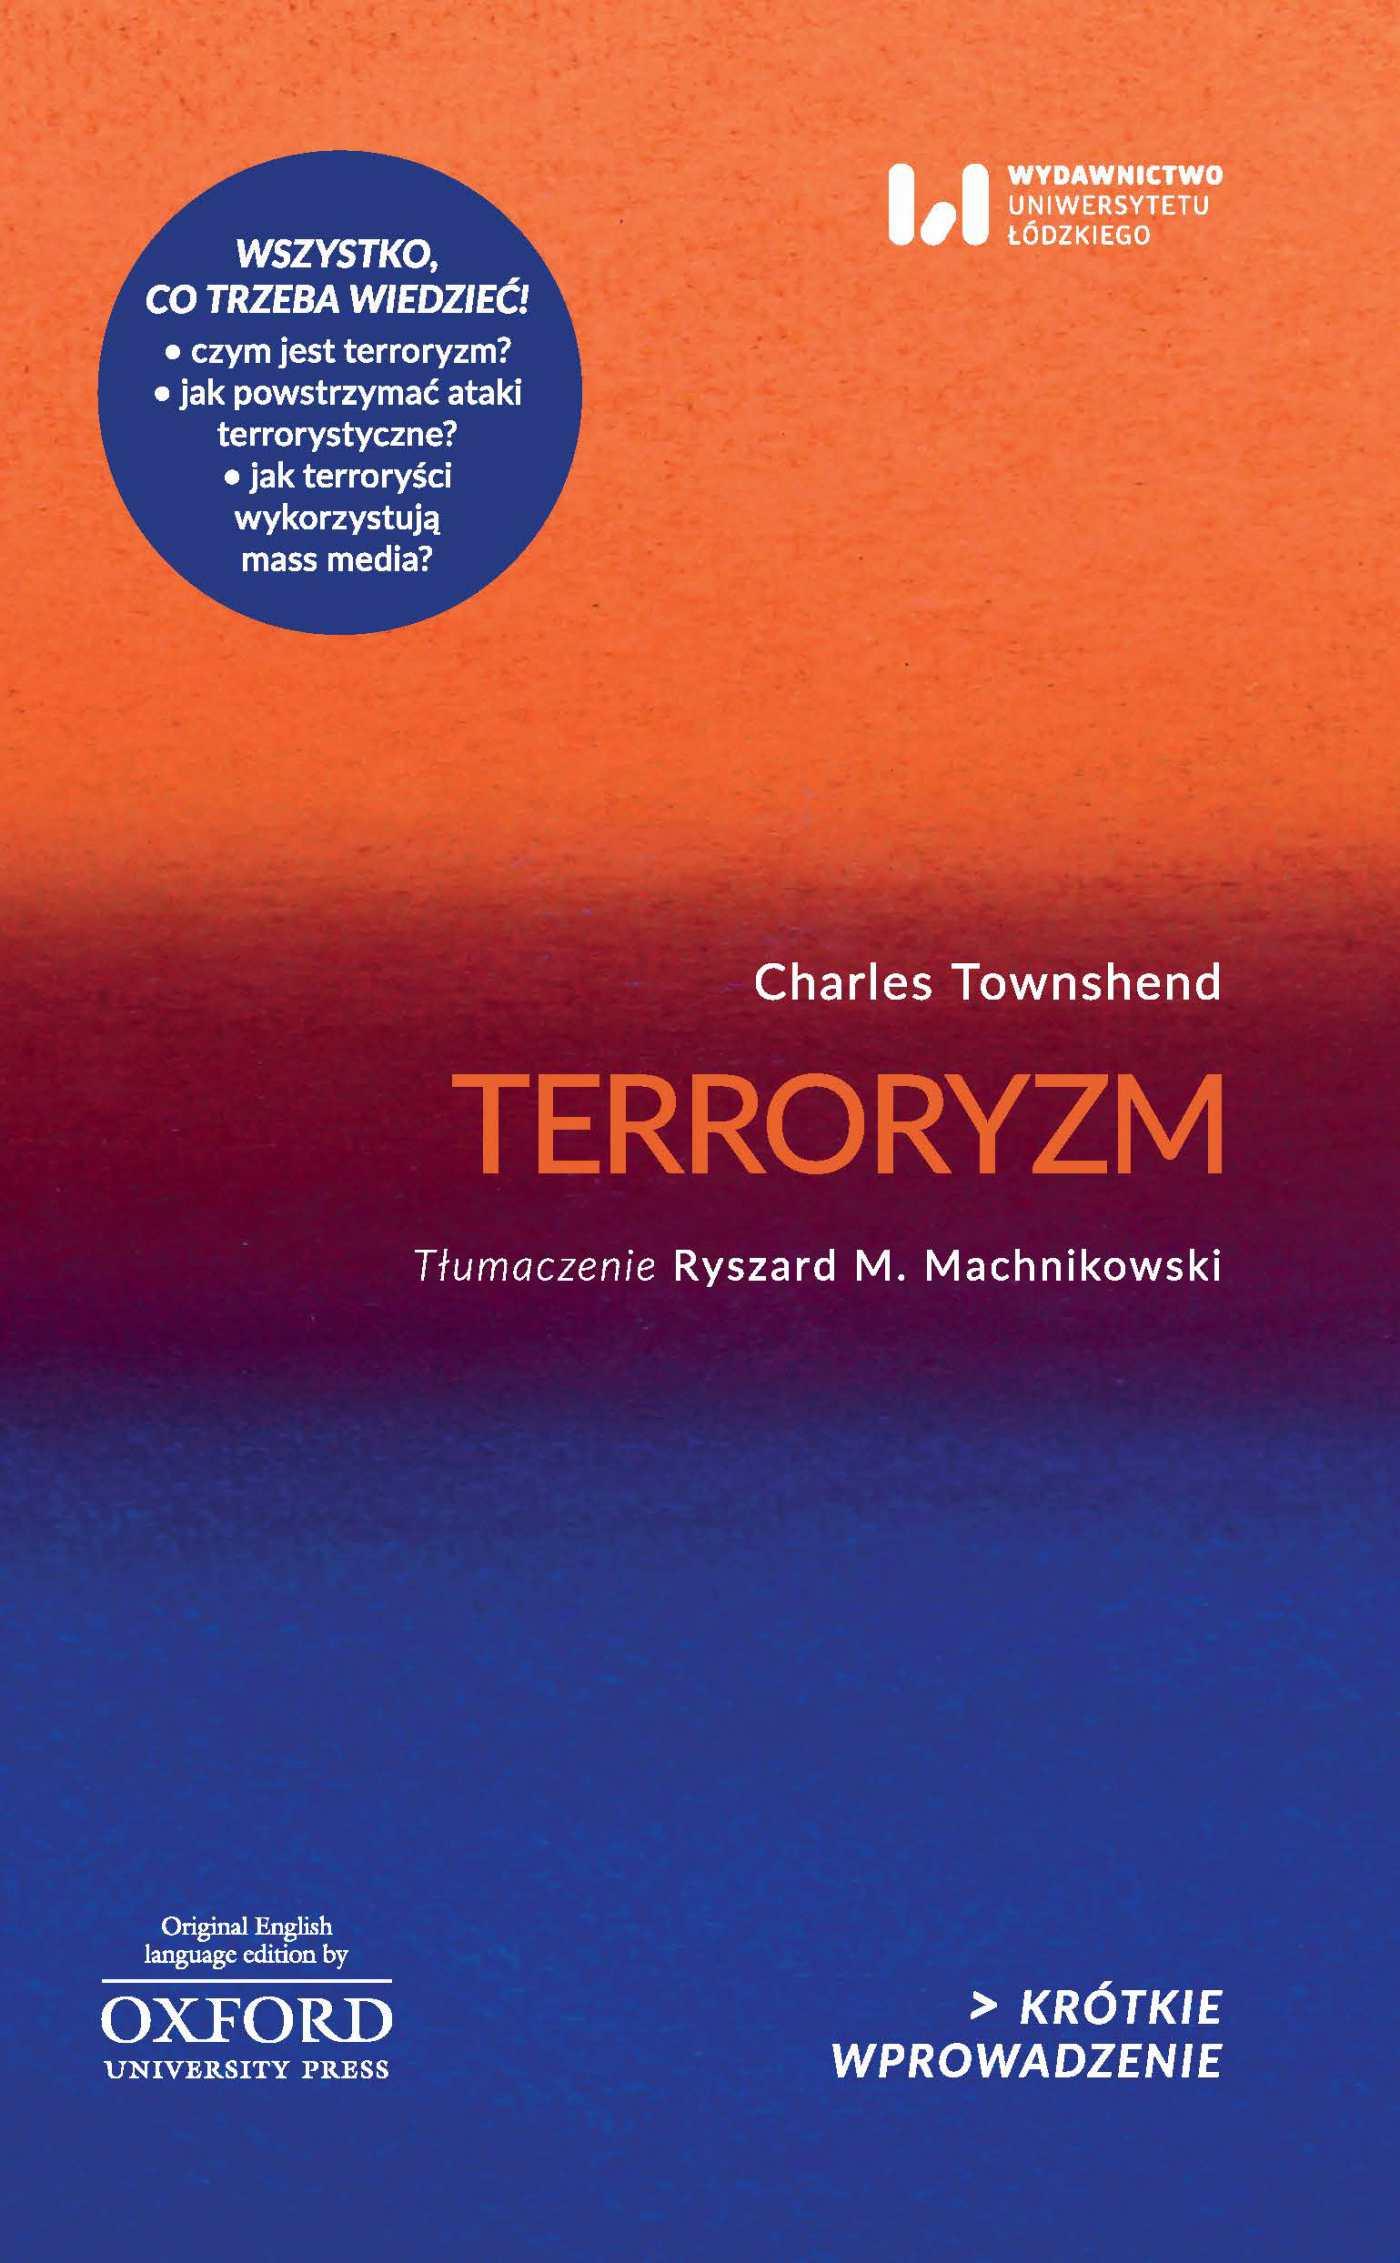 Terroryzm. Krótkie Wprowadzenie 5 - Ebook (Książka na Kindle) do pobrania w formacie MOBI